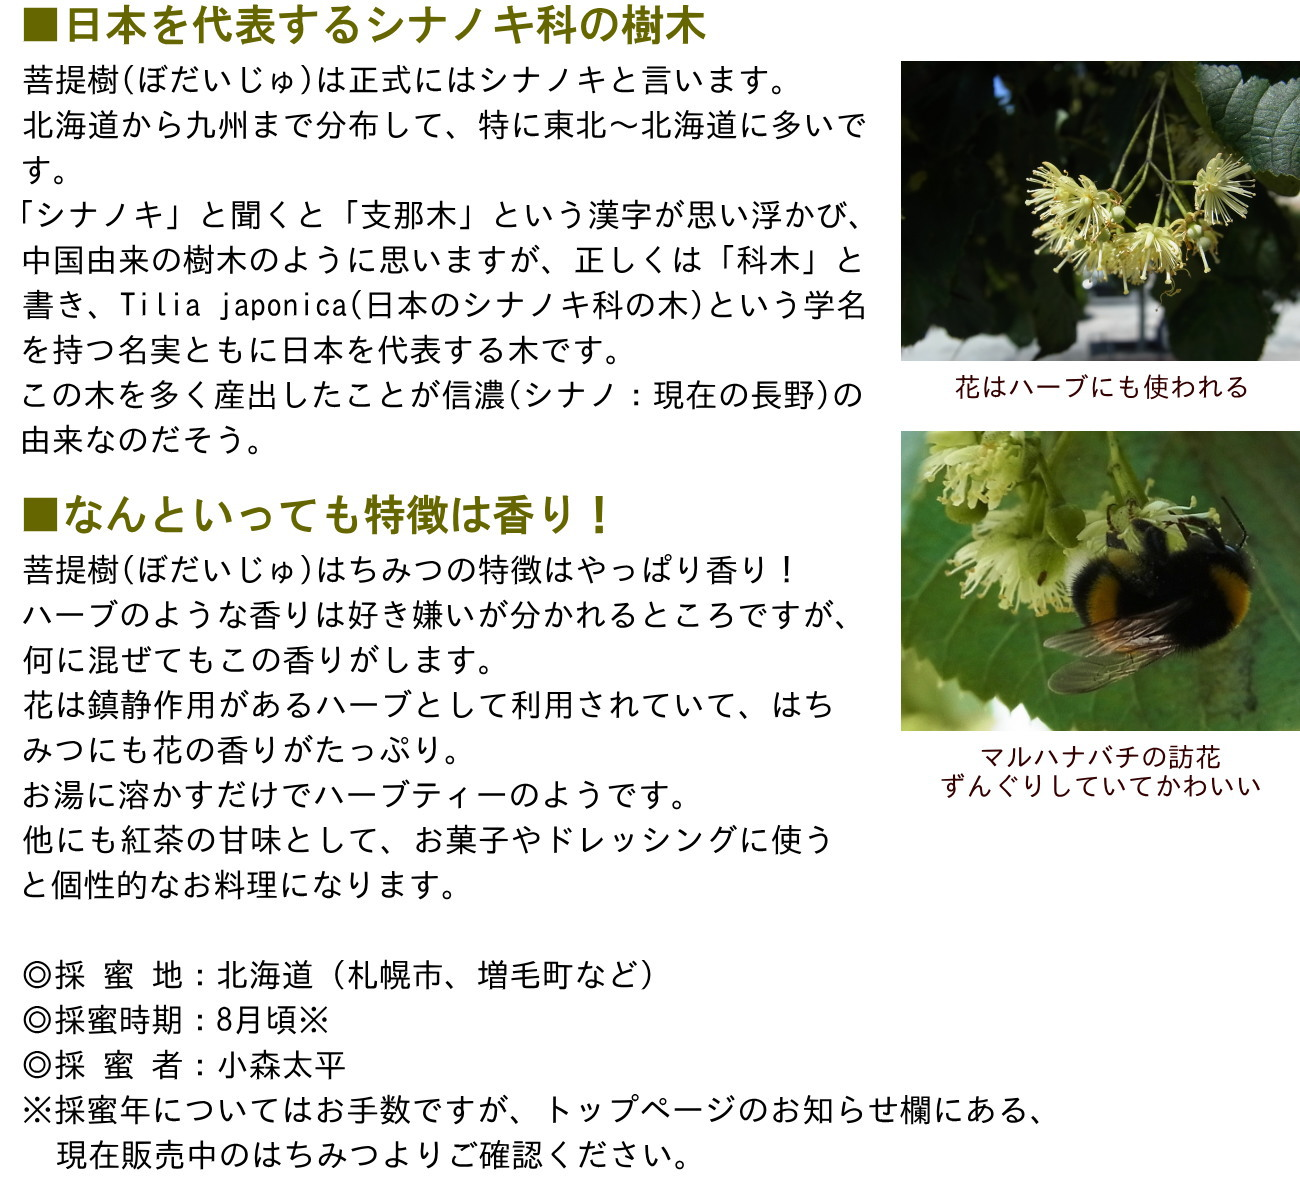 ■日本を代表するシナノキ科の樹木菩提樹(ぼだいじゅ)は正式にはシナノキと言います。北海道から九州まで分布して、特に東北〜北海道に多いです。「シナノキ」と聞くと「支那木」という漢字が思い浮かび、中国由来の樹木のように思いますが、正しくは「科木」と書き、Tilia japonica(日本のシナノキ科の木)という学名を持つ名実ともに日本を代表する木です。この木を多く産出したことが信濃(シナノ:現在の長野)の由来なのだそう。■なんといっても特徴は香り!菩提樹(ぼだいじゅ)はちみつの特徴はやっぱり香り!ハーブのような香りは好き嫌いが分かれるところですが、何に混ぜてもこの香りがします。花は鎮静作用があるハーブとして利用されていて、はちみつにも花の香りがたっぷり。お湯に溶かすだけでハーブティーのようです。他にも紅茶の甘味として、お菓子やドレッシングに使うと個性的なお料理になります。◎採 蜜 地:北海道(札幌市、増毛町など)◎採蜜時期:8月頃※◎採 蜜 者:小森太平※採蜜年についてはお手数ですが、トップページのお知らせ欄にある、 現在販売中のはちみつよりご確認ください。花はハーブにも使われるマルハナバチの訪花ずんぐりしていてかわいい